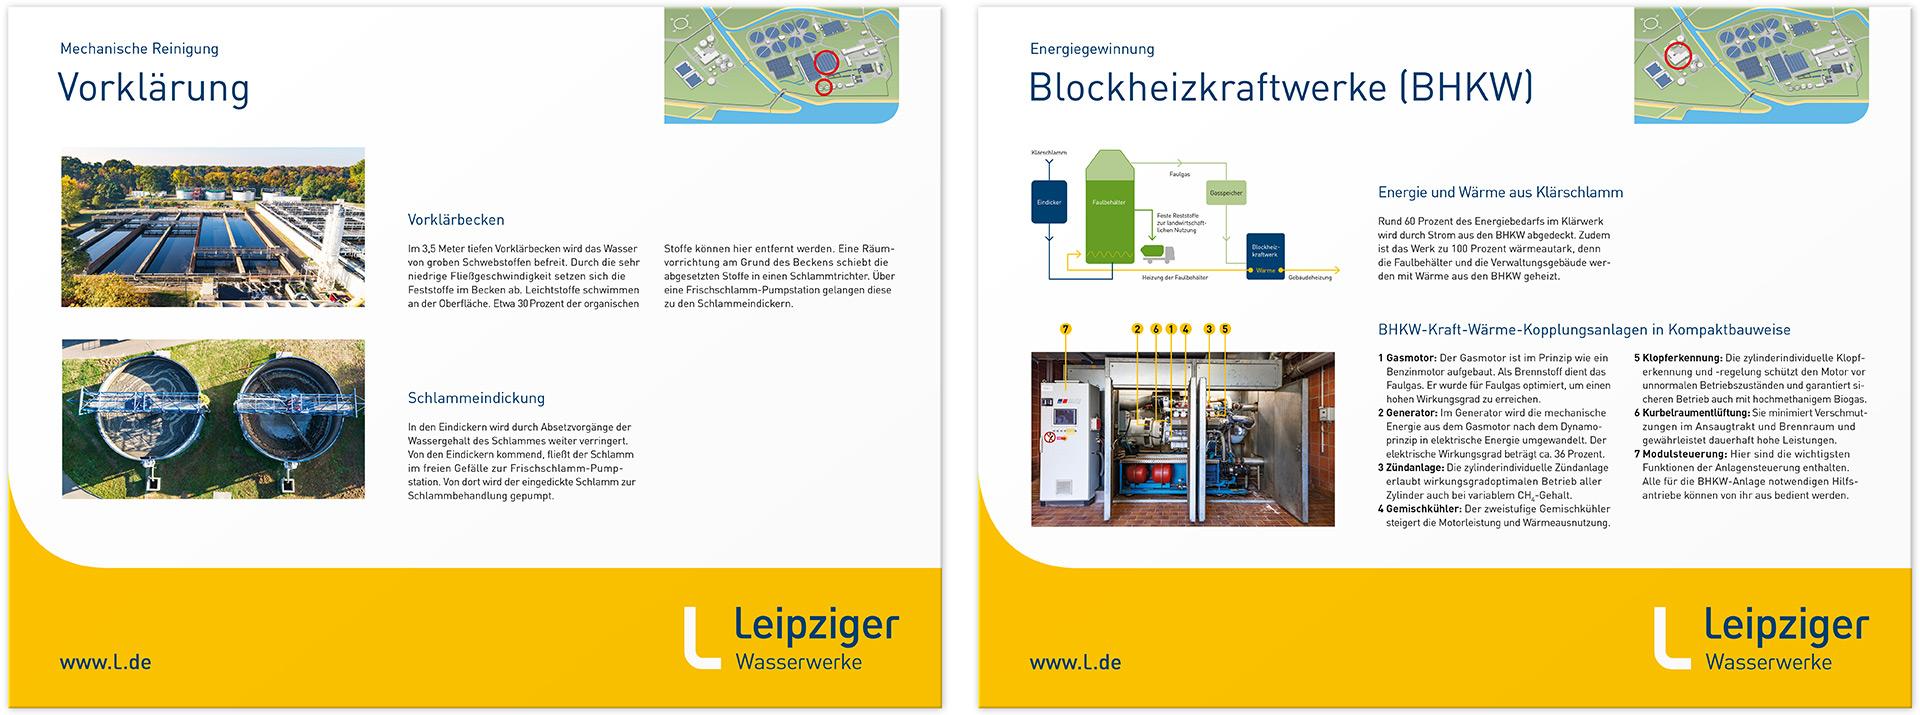 Informationstafel Vorklärung und Blockheizkraftwerke